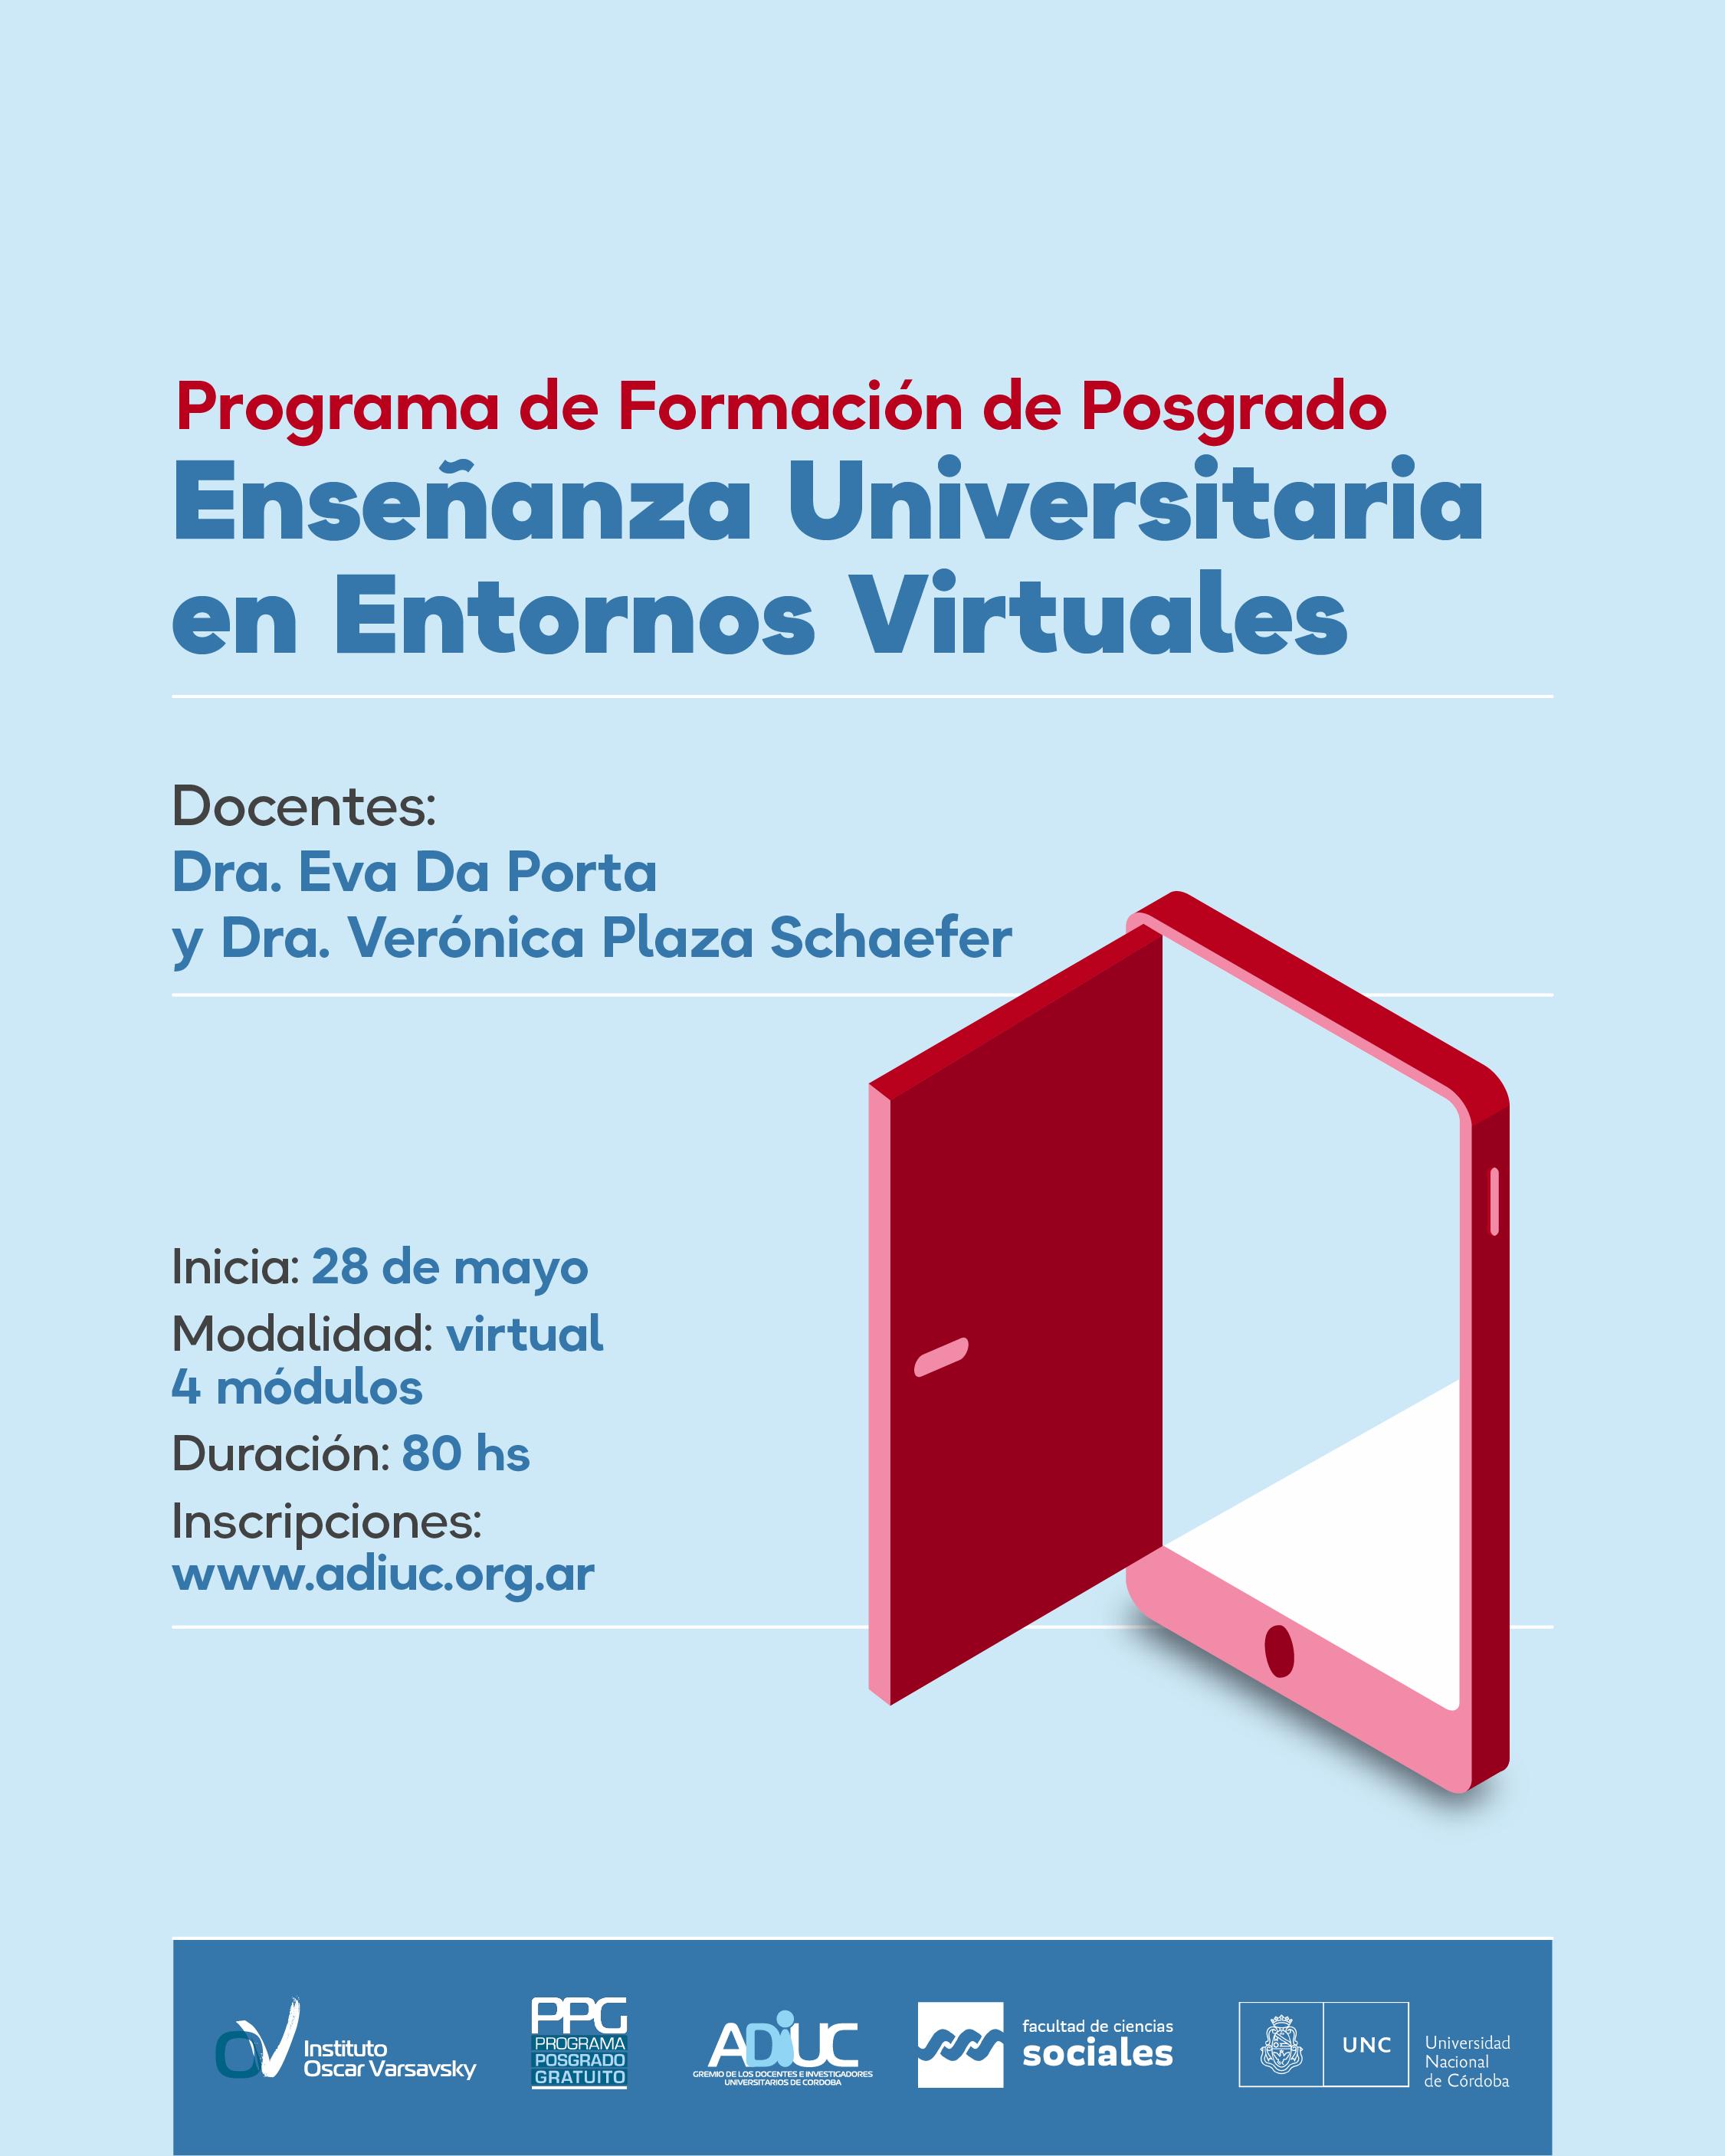 Programa De Formación De Posgrado En Enseñanza Universitaria En Entornos Virtuales